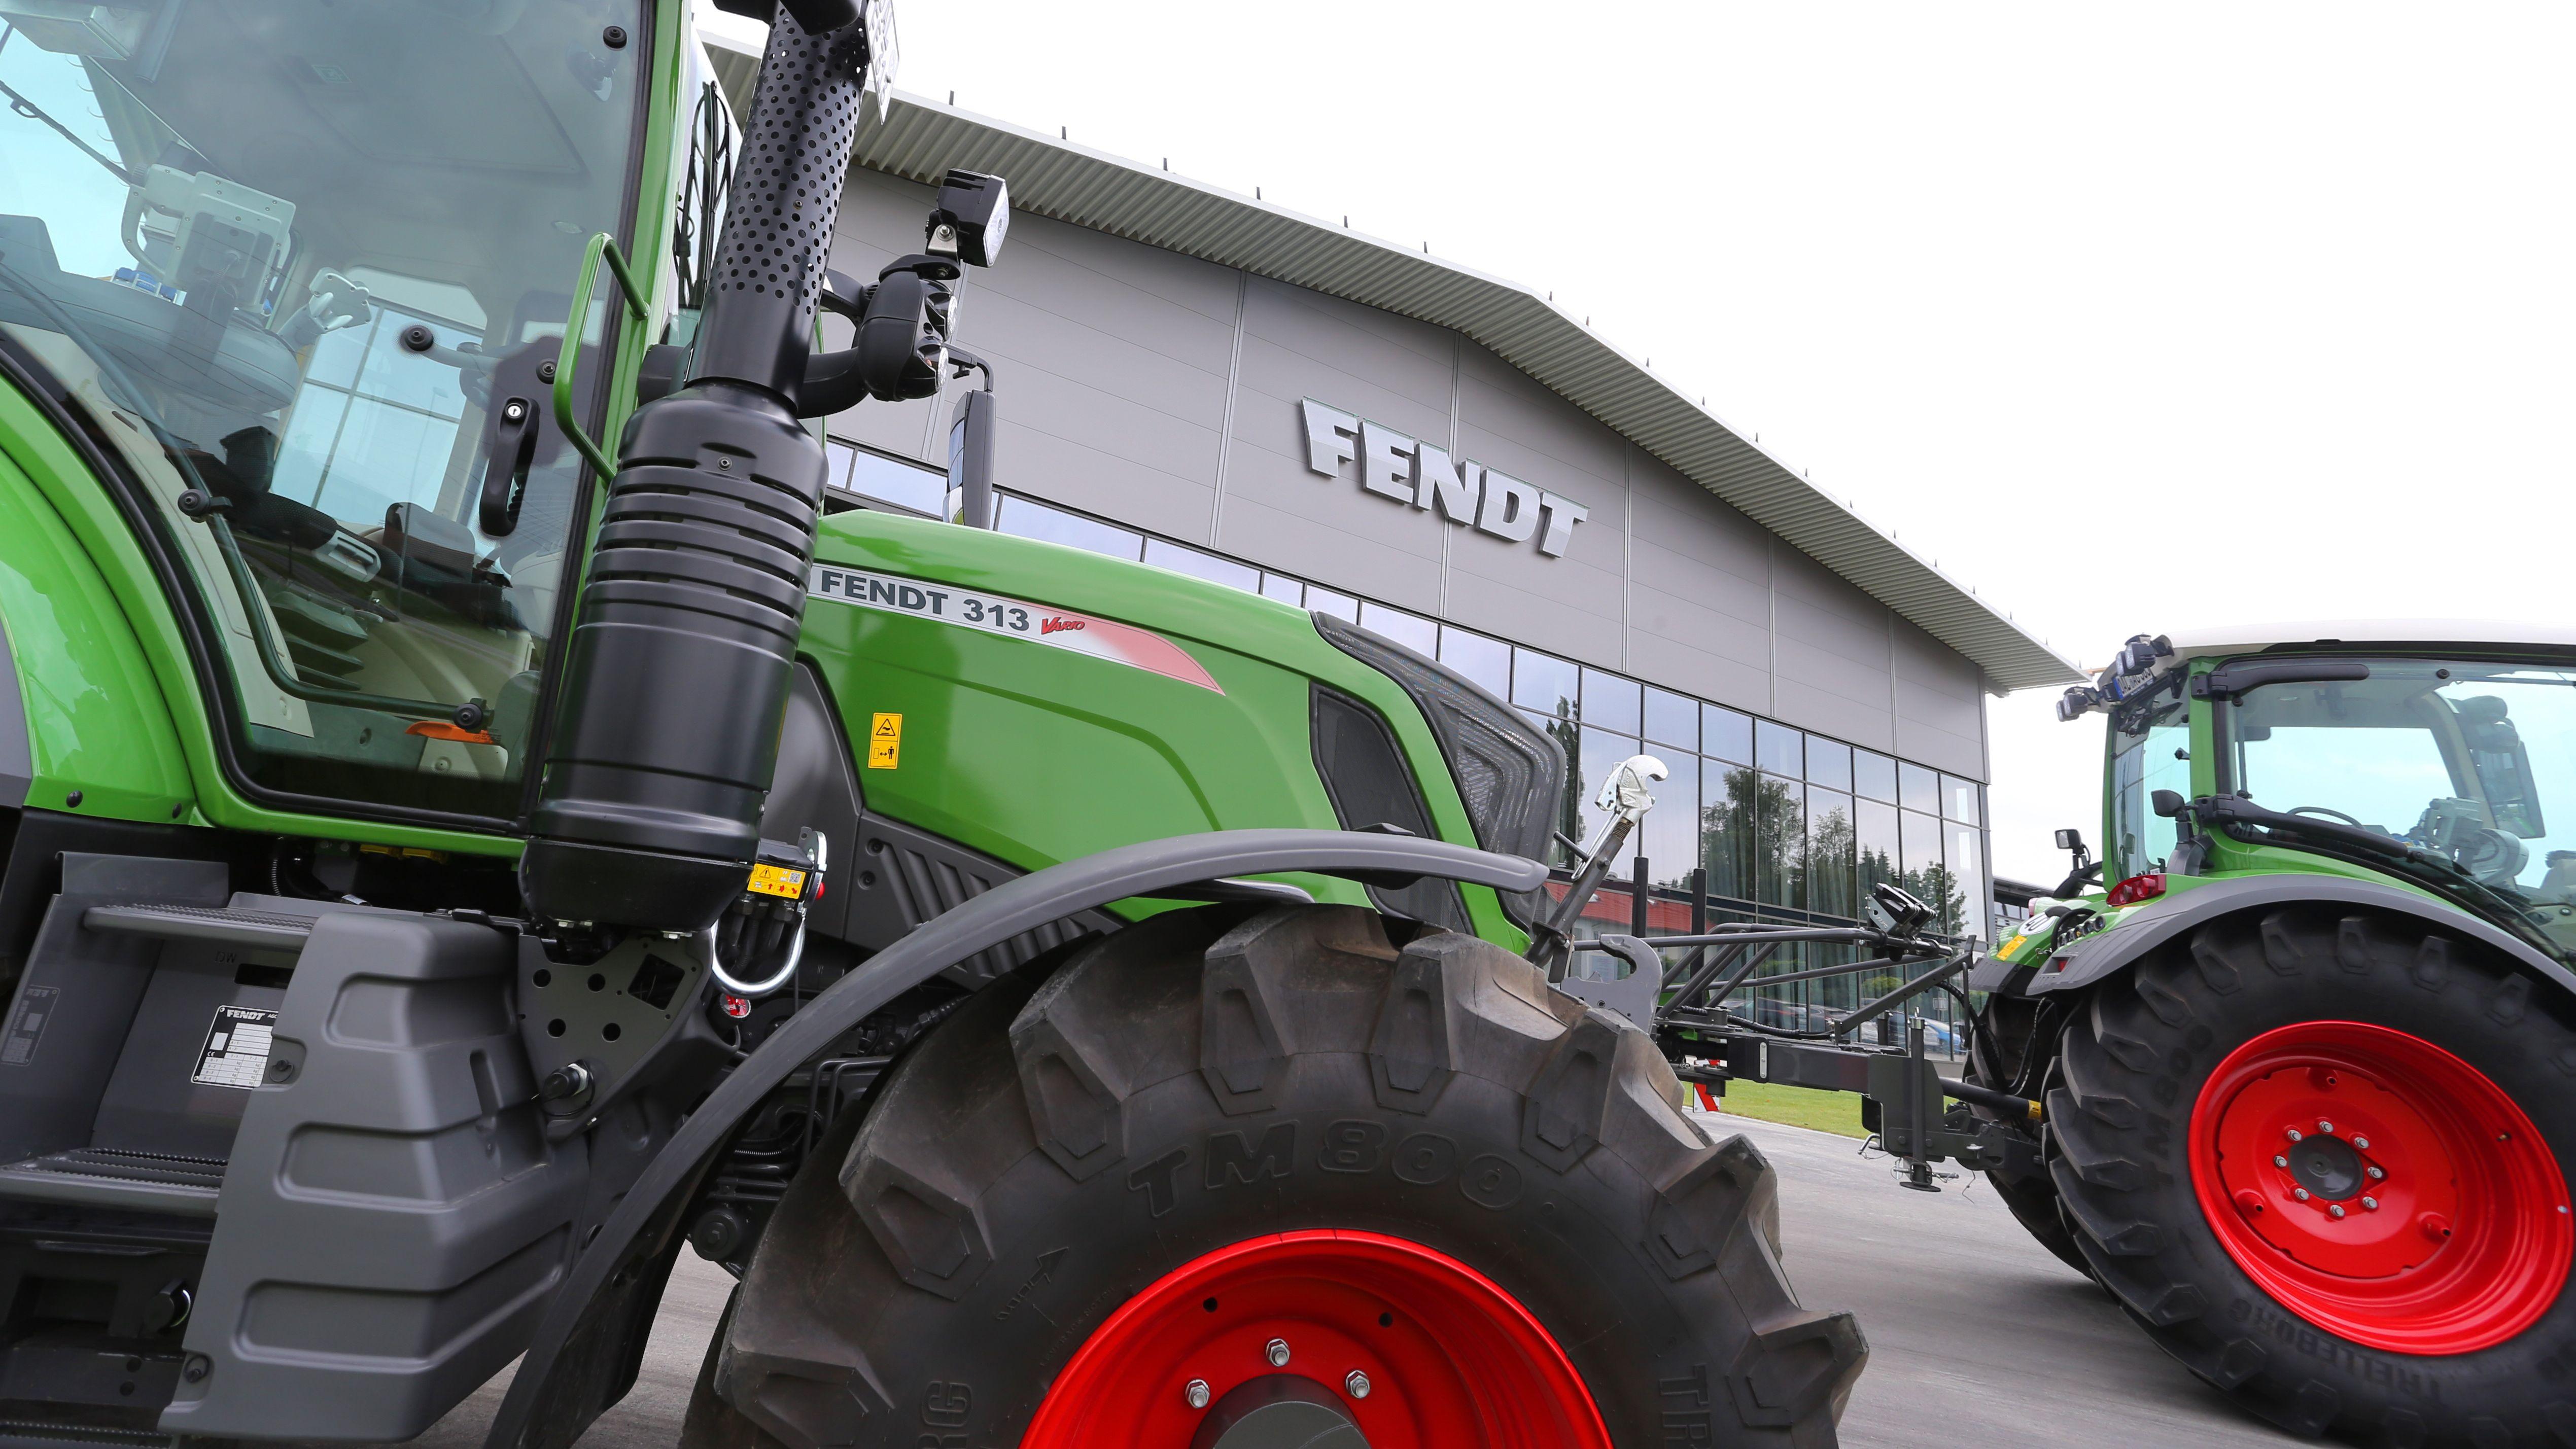 Traktoren stehen bei der Jahreskonferenz des Traktorenherstellers AGCO/Fendt an dessen Unternehmenssitz.